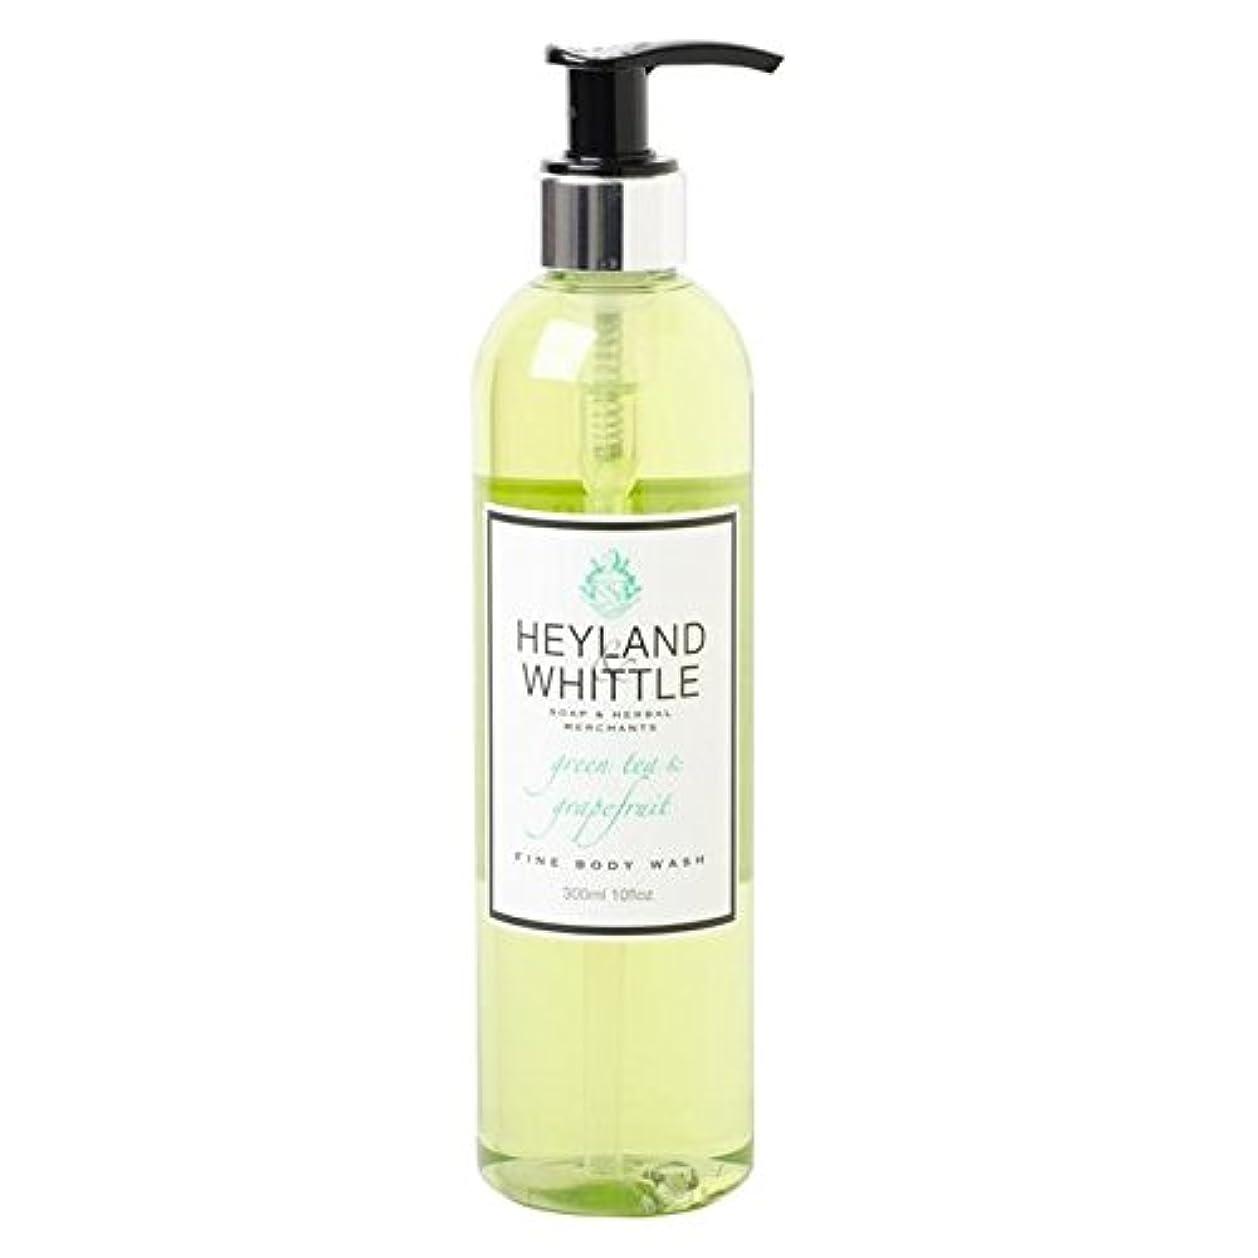 不明瞭からに変化する懲らしめHeyland & Whittle Greentea & Grapefruit Body Wash 300ml - &削るグリーンティ&グレープフルーツボディウォッシュ300ミリリットル [並行輸入品]